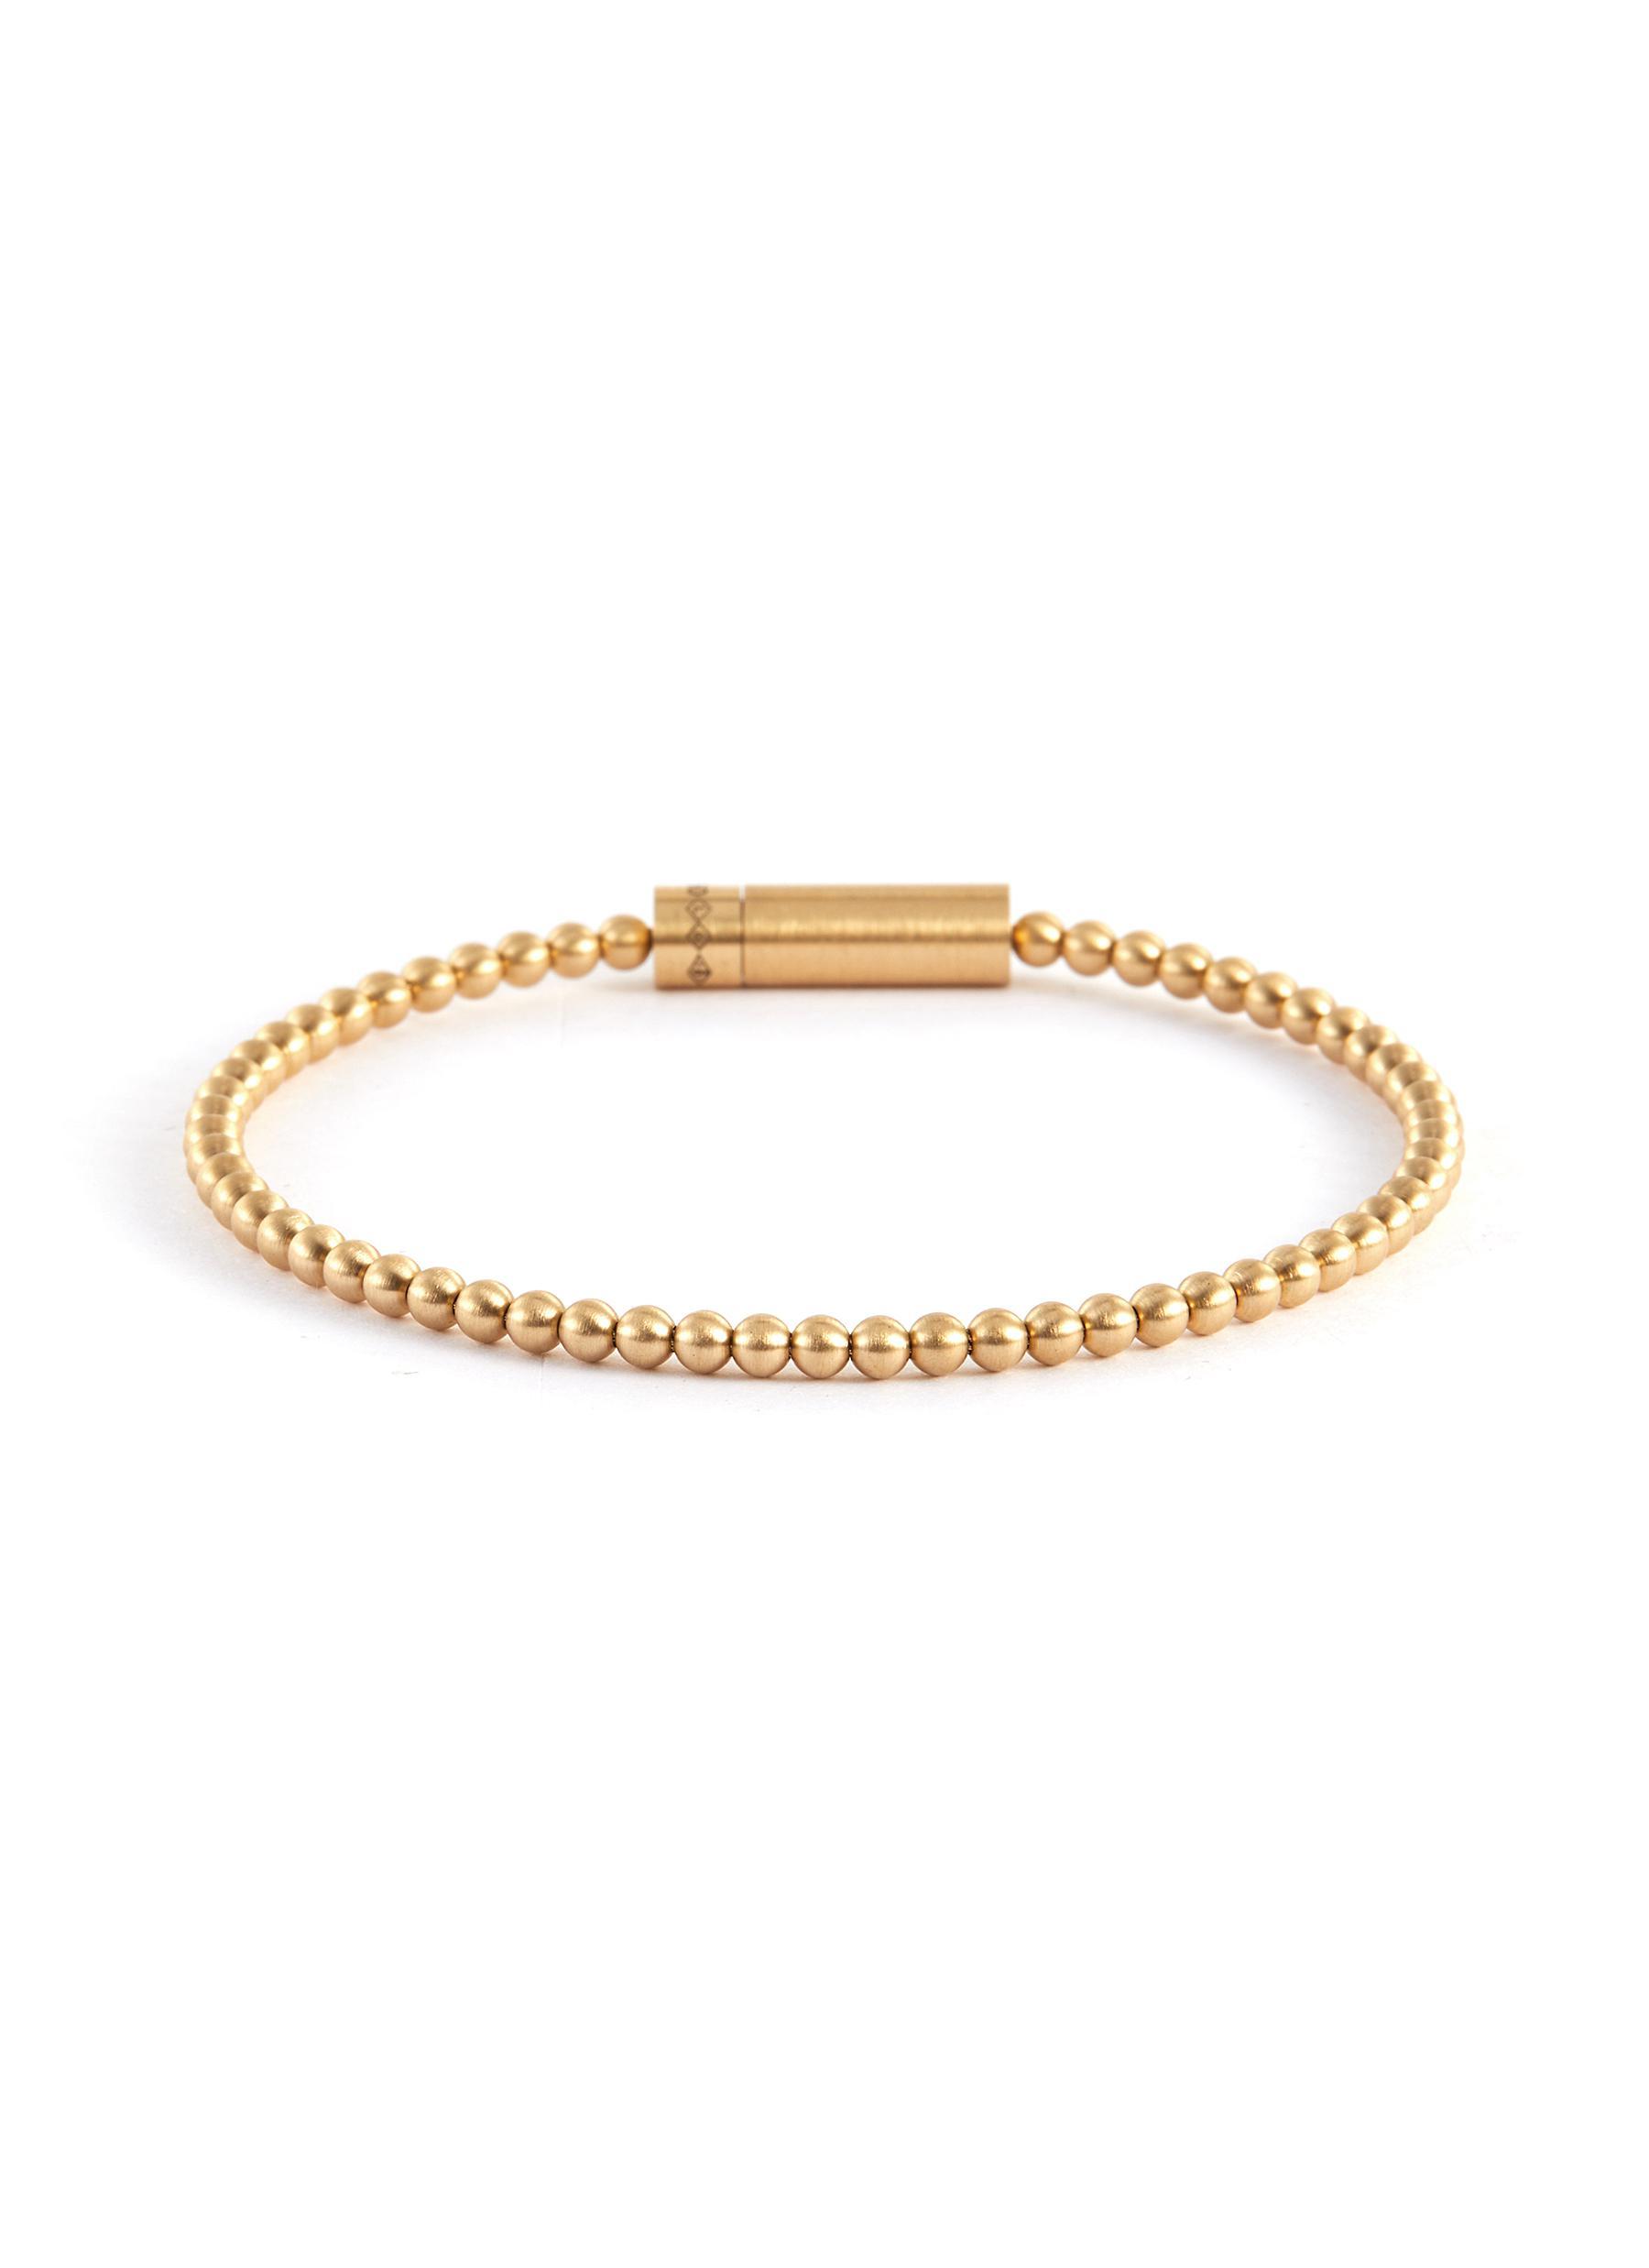 BEADS' Gold Bracelet 15g - LE GRAMME - Modalova